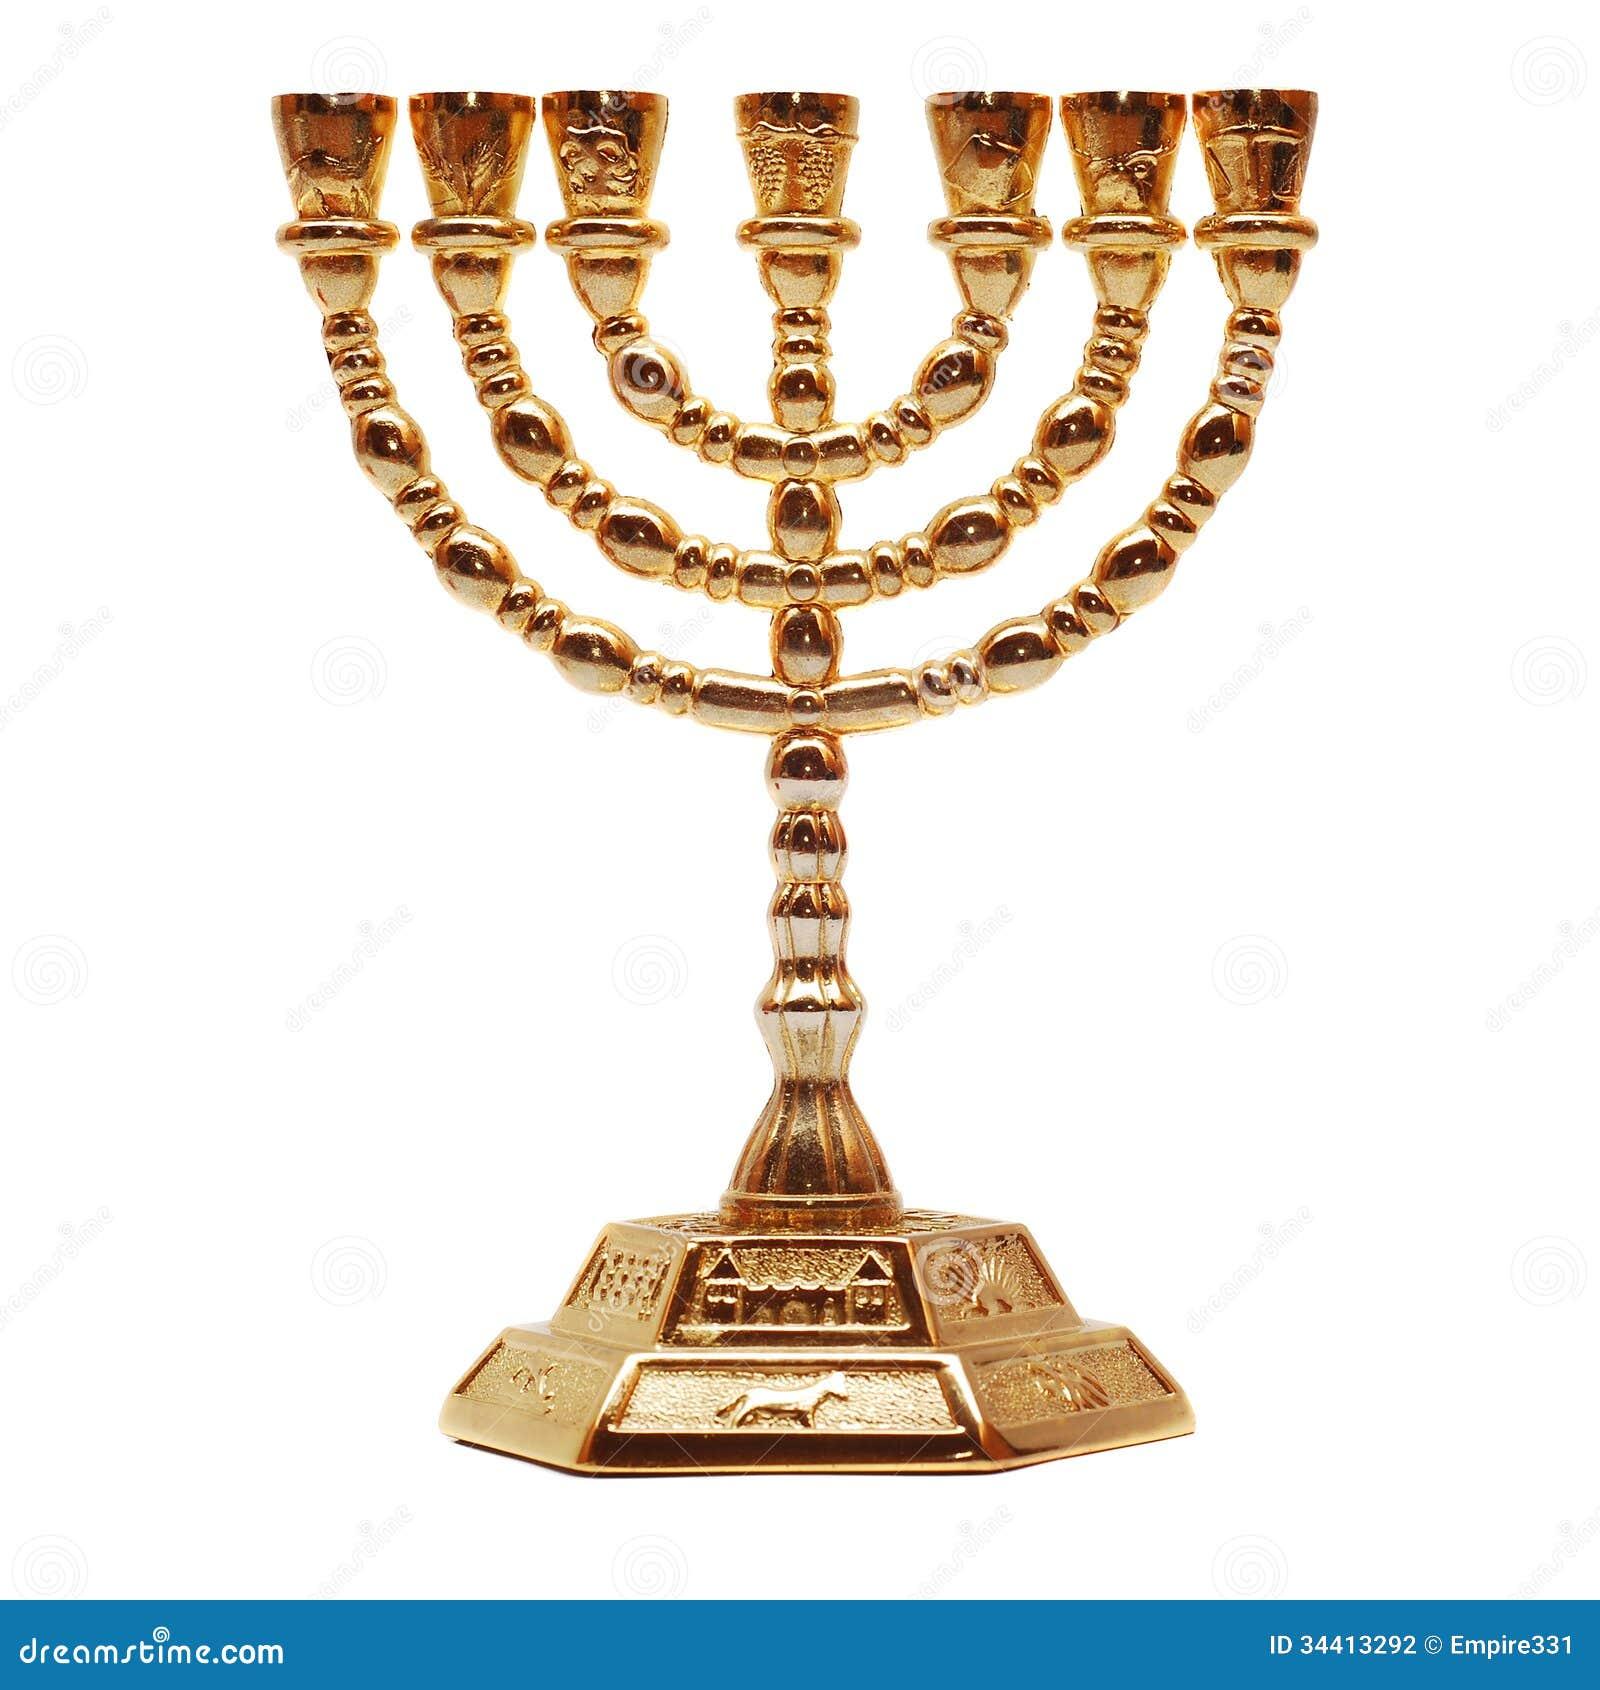 judaism religious symbol